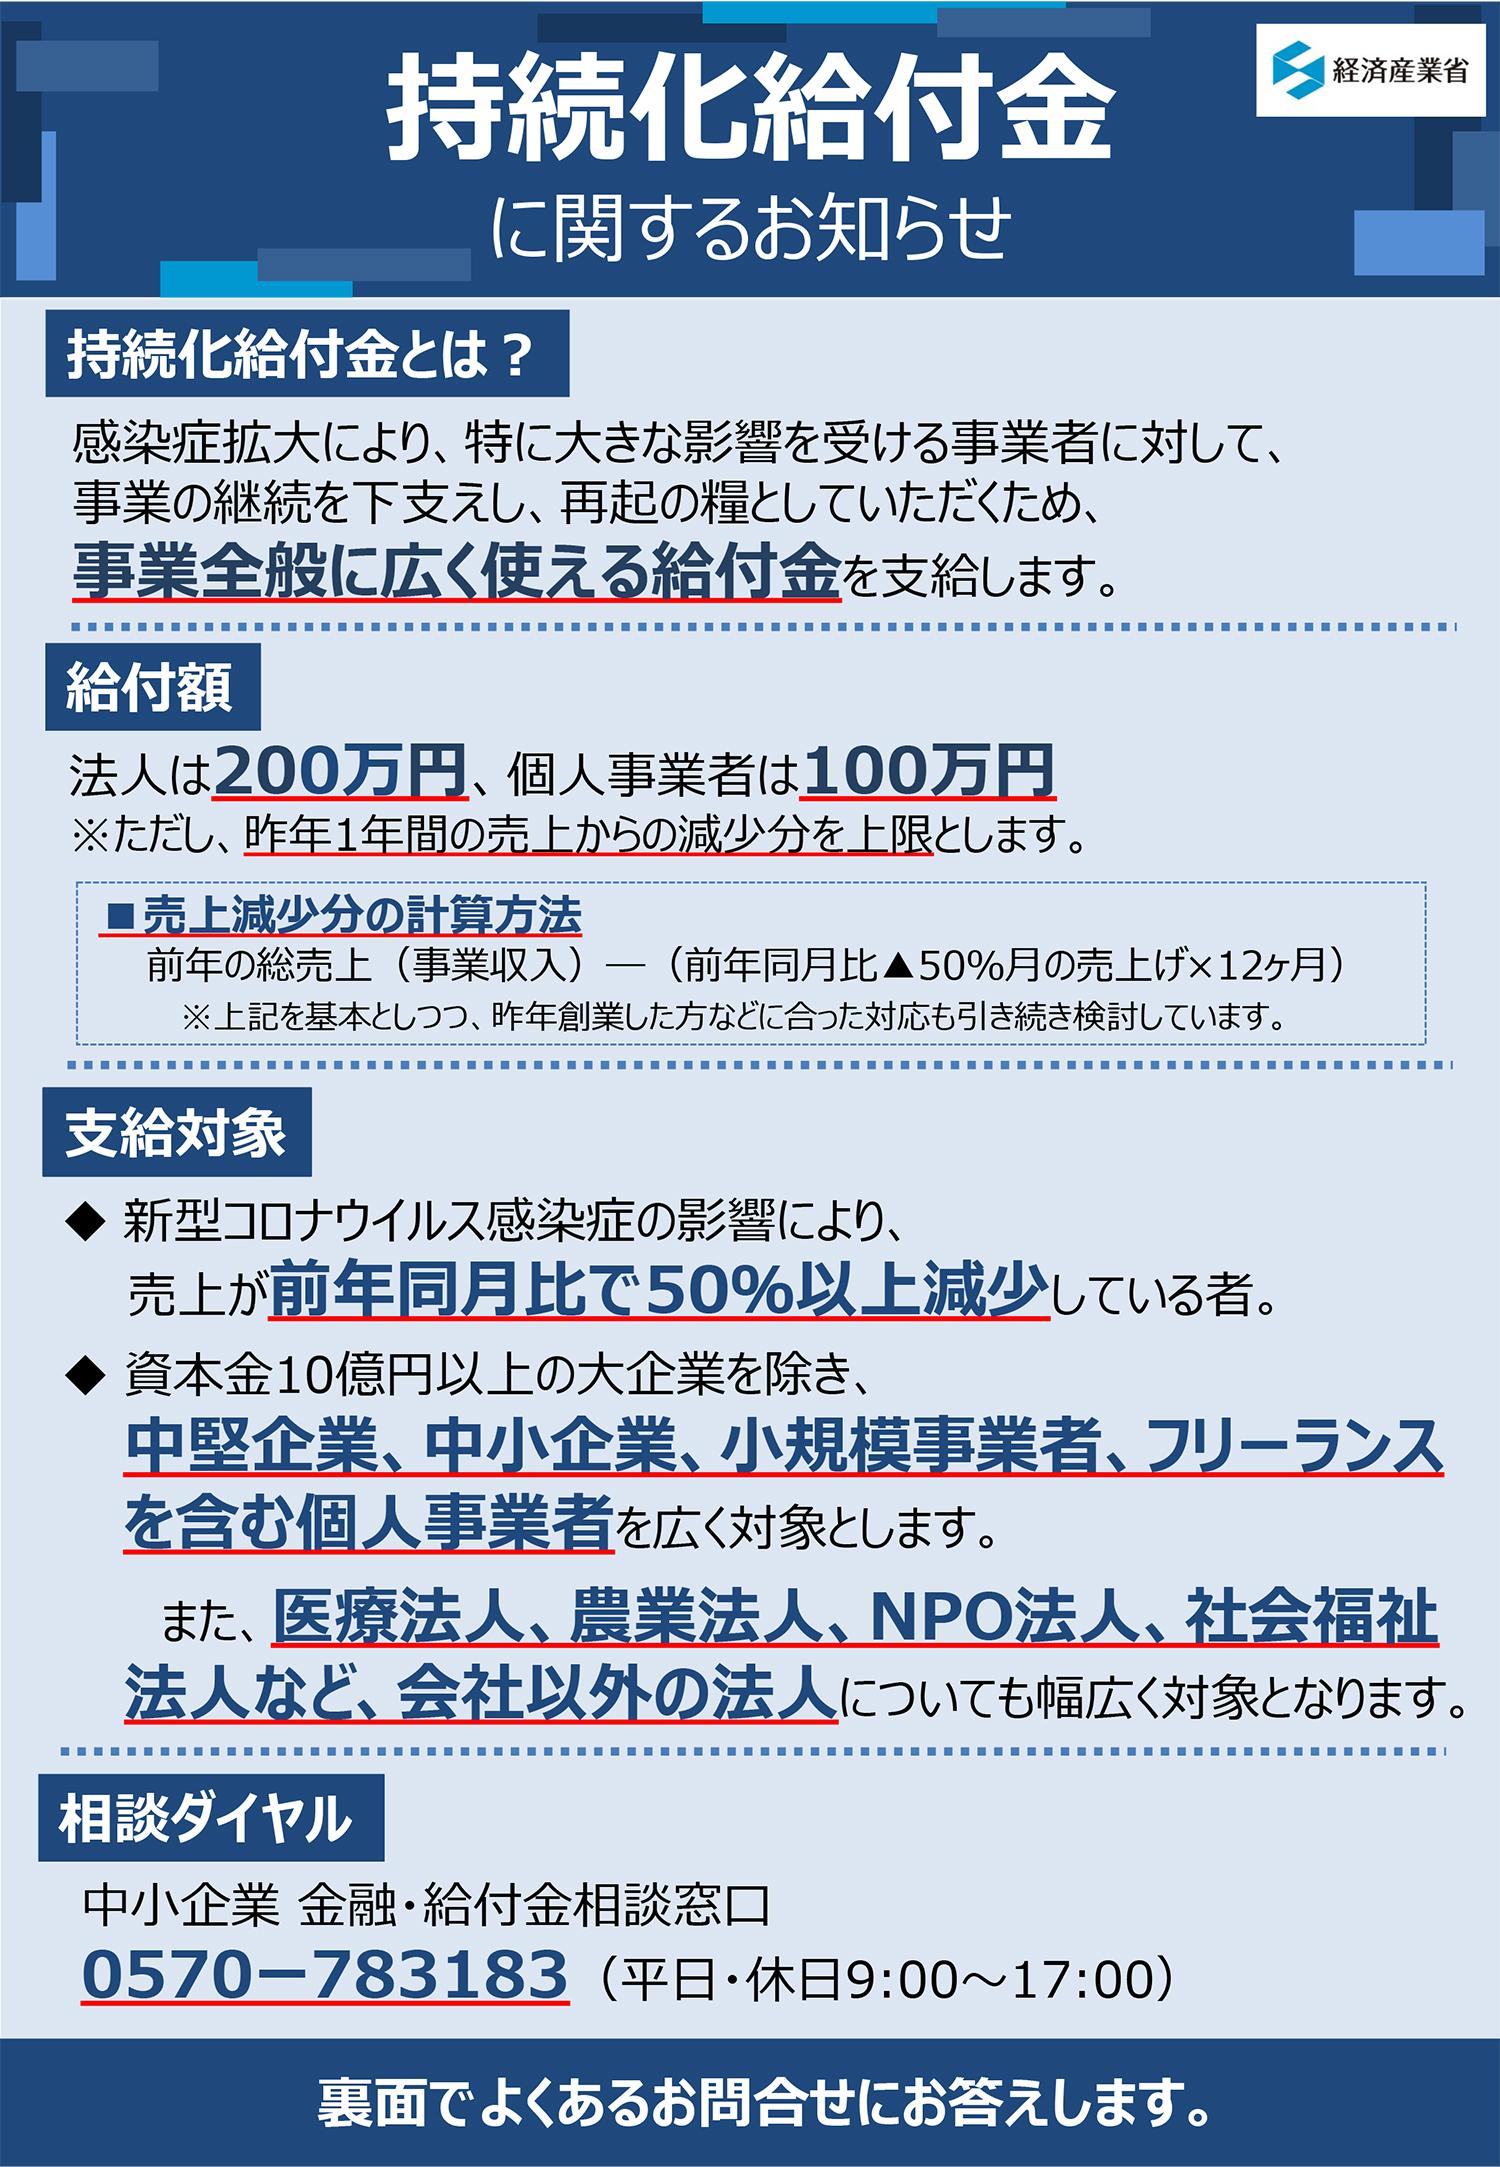 名古屋 社会 保険 労務 士 求人